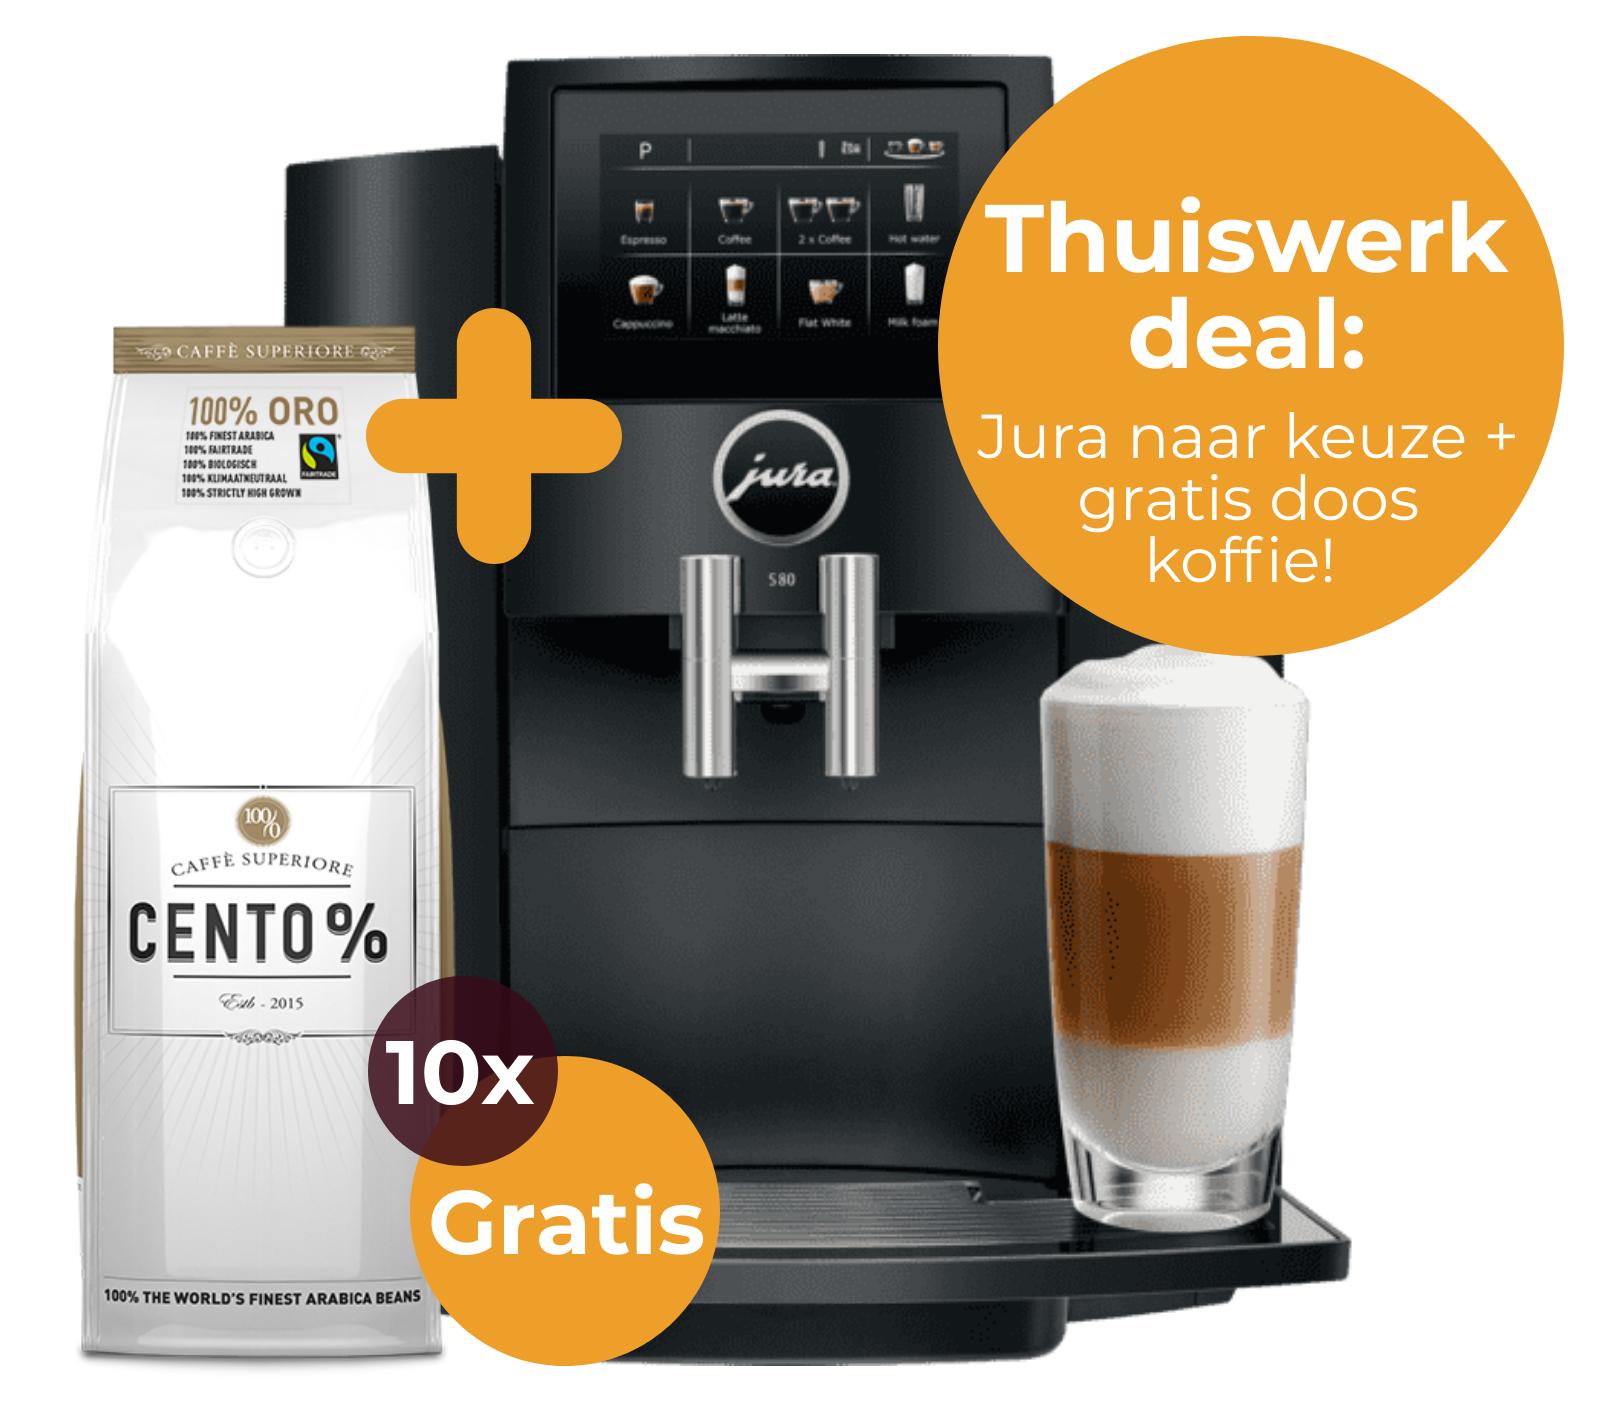 Jura thuiswerk deal   Welke koffie voor thuiswerken? Jura naar keuze + gratis doos Caffe Cento koffiebonen   KoffiePartners